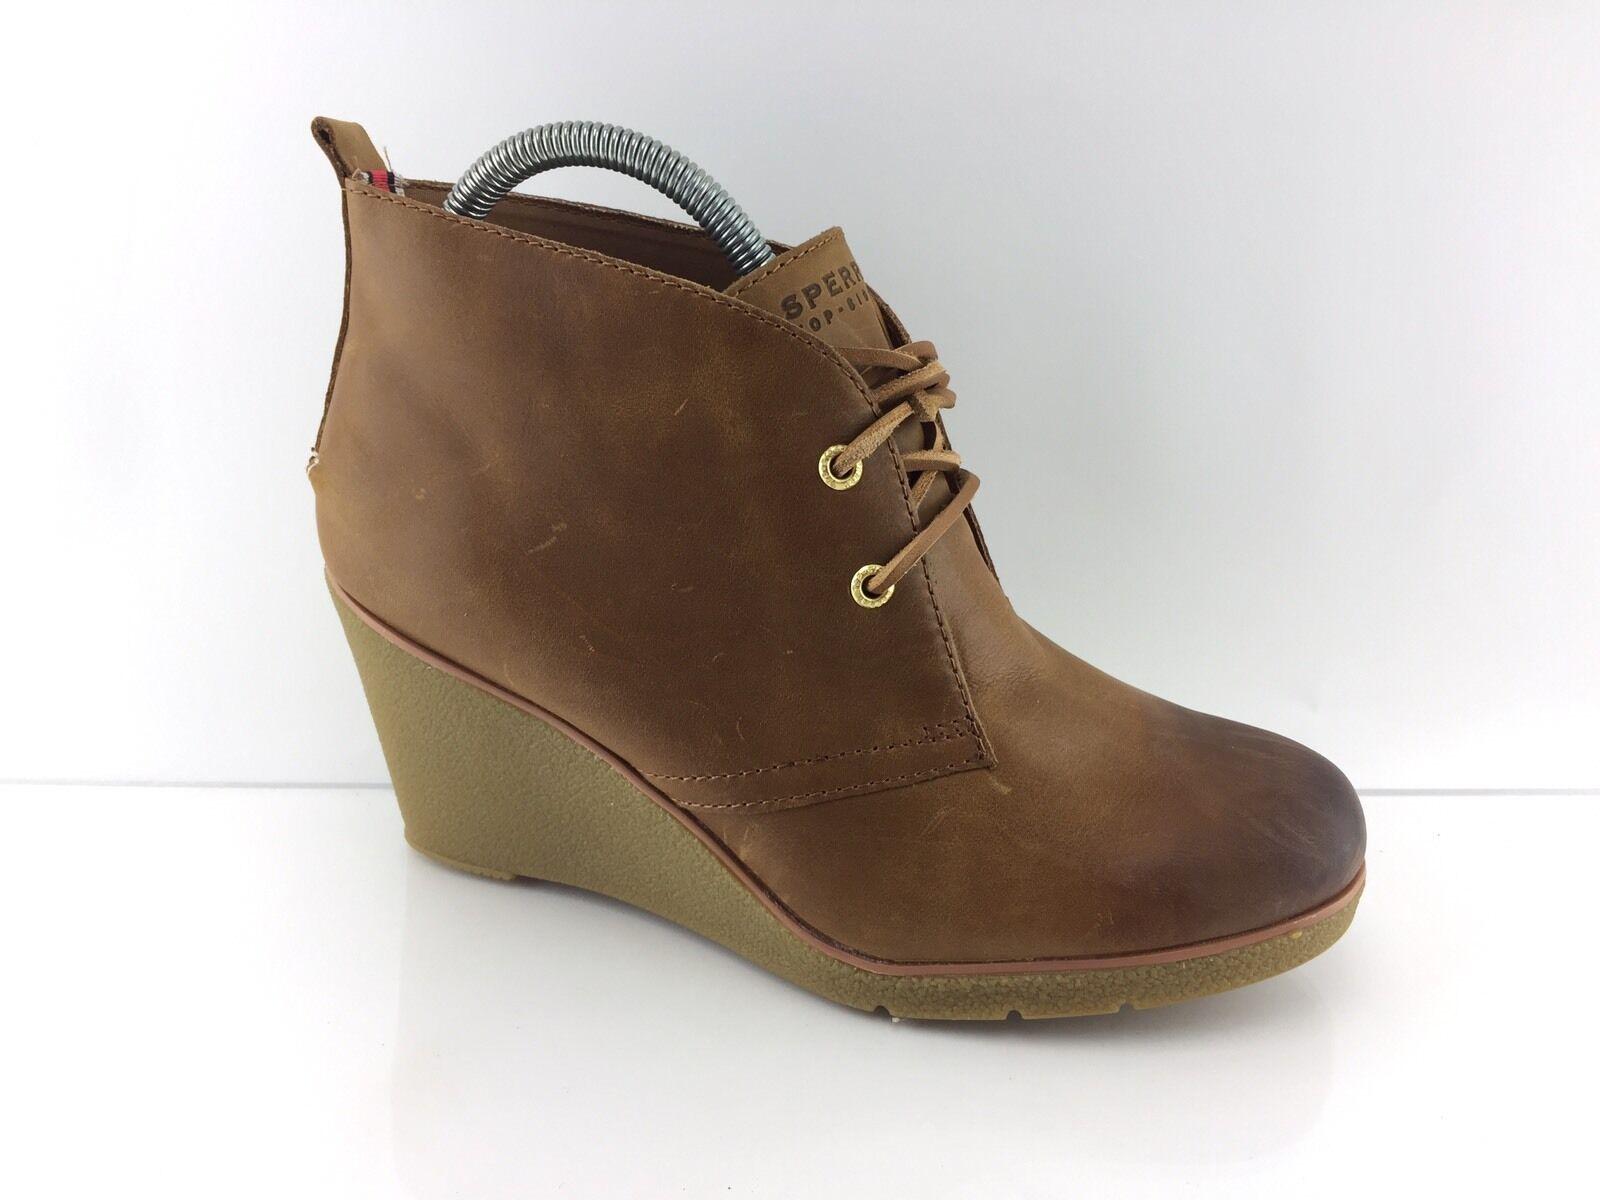 Sperry Top Sider Harlow Coñac Para mujeres Cuero Marrón botas al Tobillo Cuña 11 M